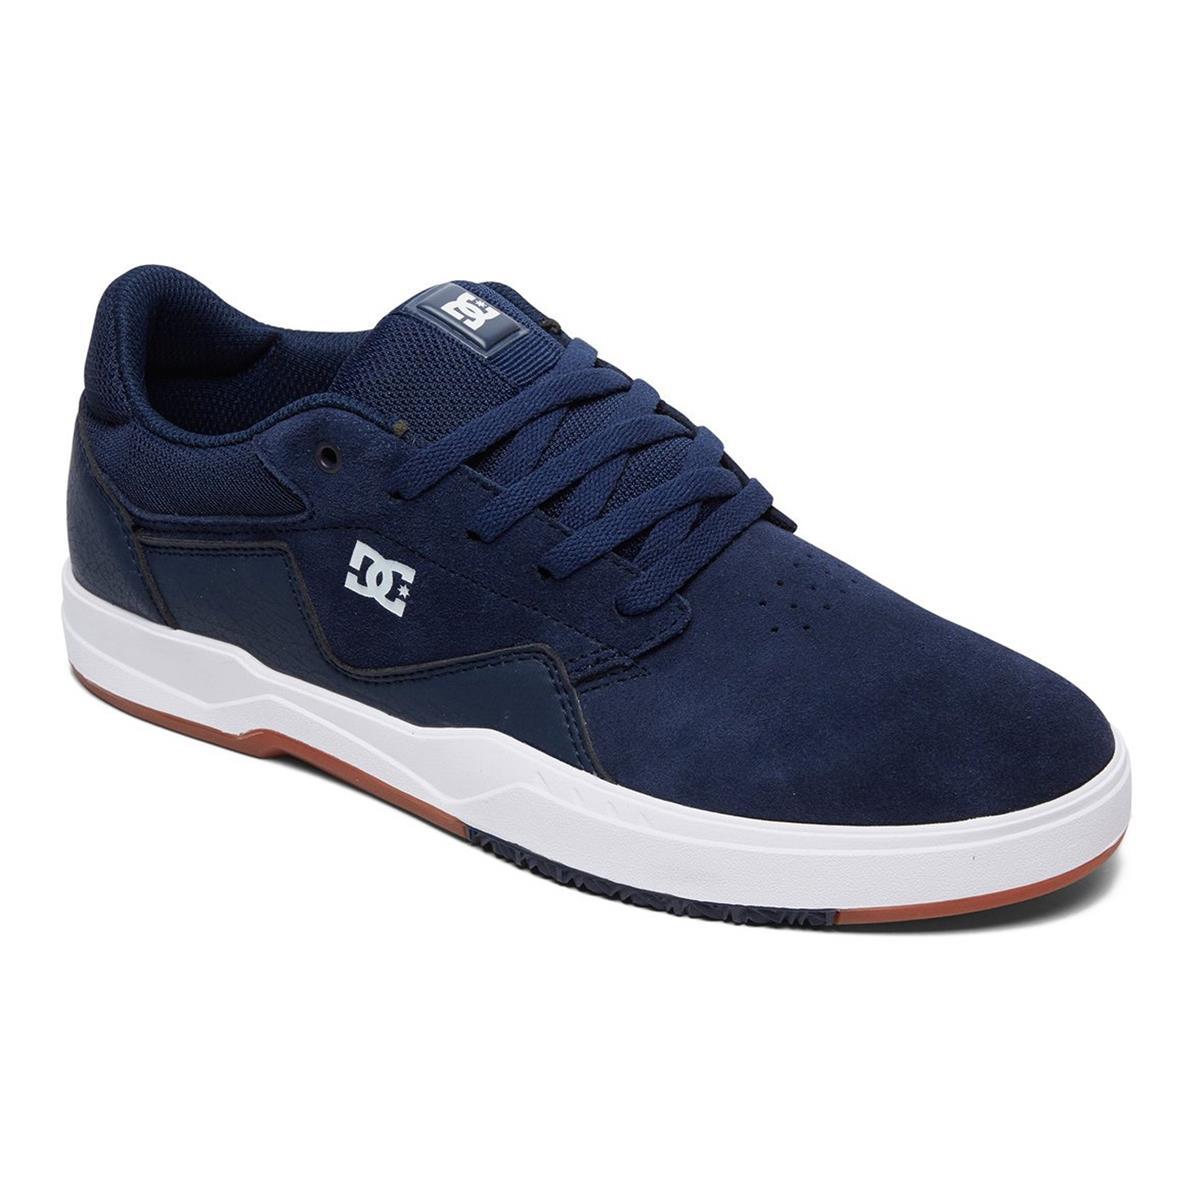 DC Schuhe Barksdale Navy/Weiß